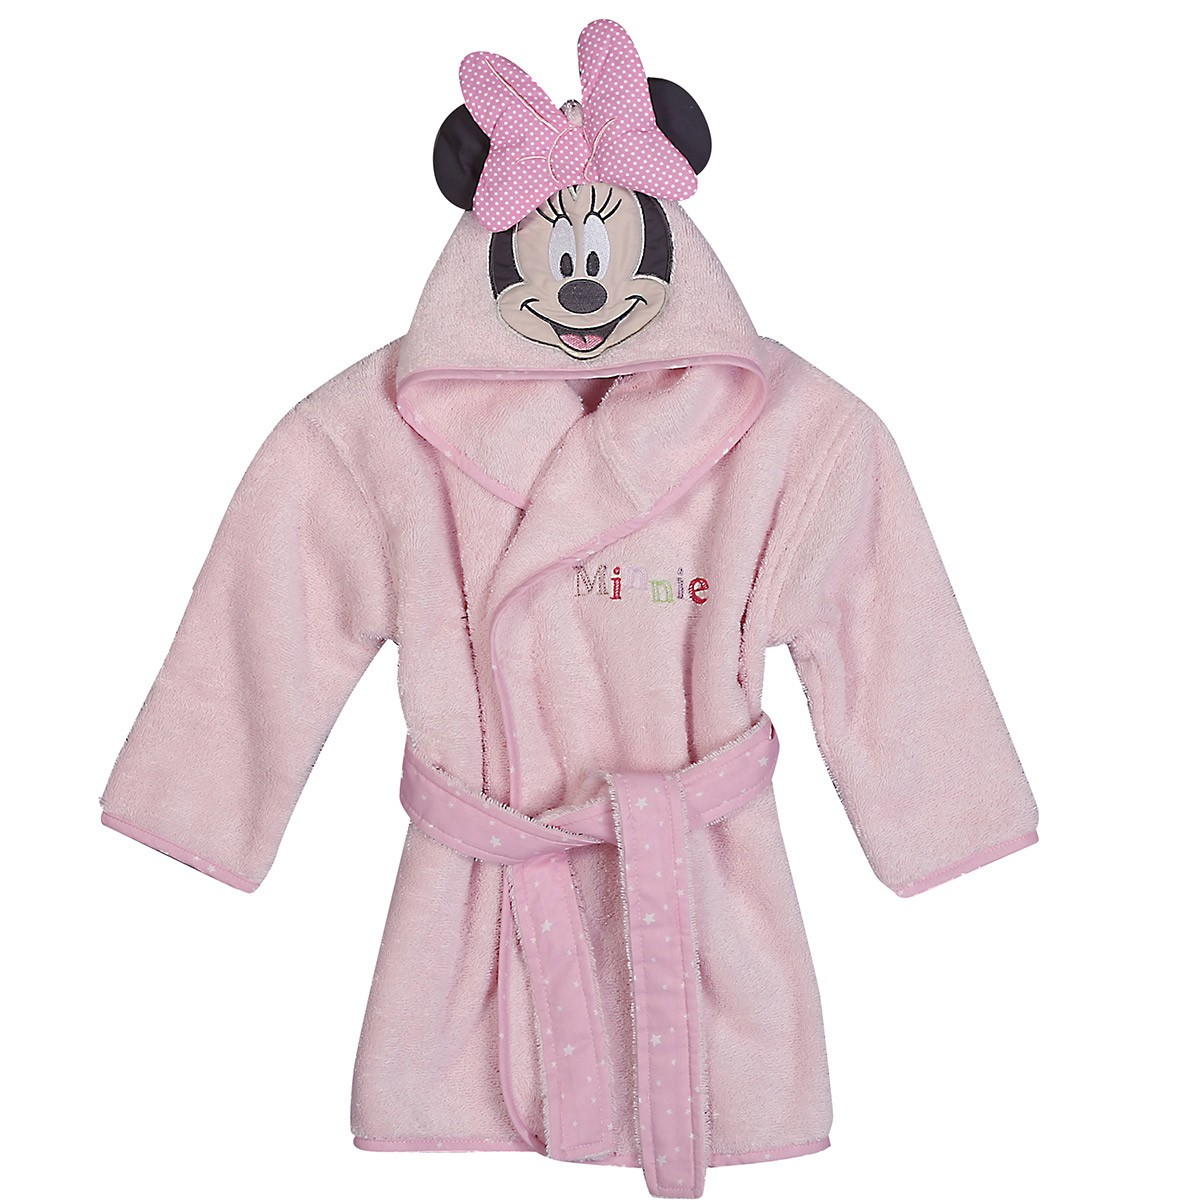 Βρεφικό Μπουρνούζι Nef-Nef Disney Minnie Fairy Νο2 Νο2 88907